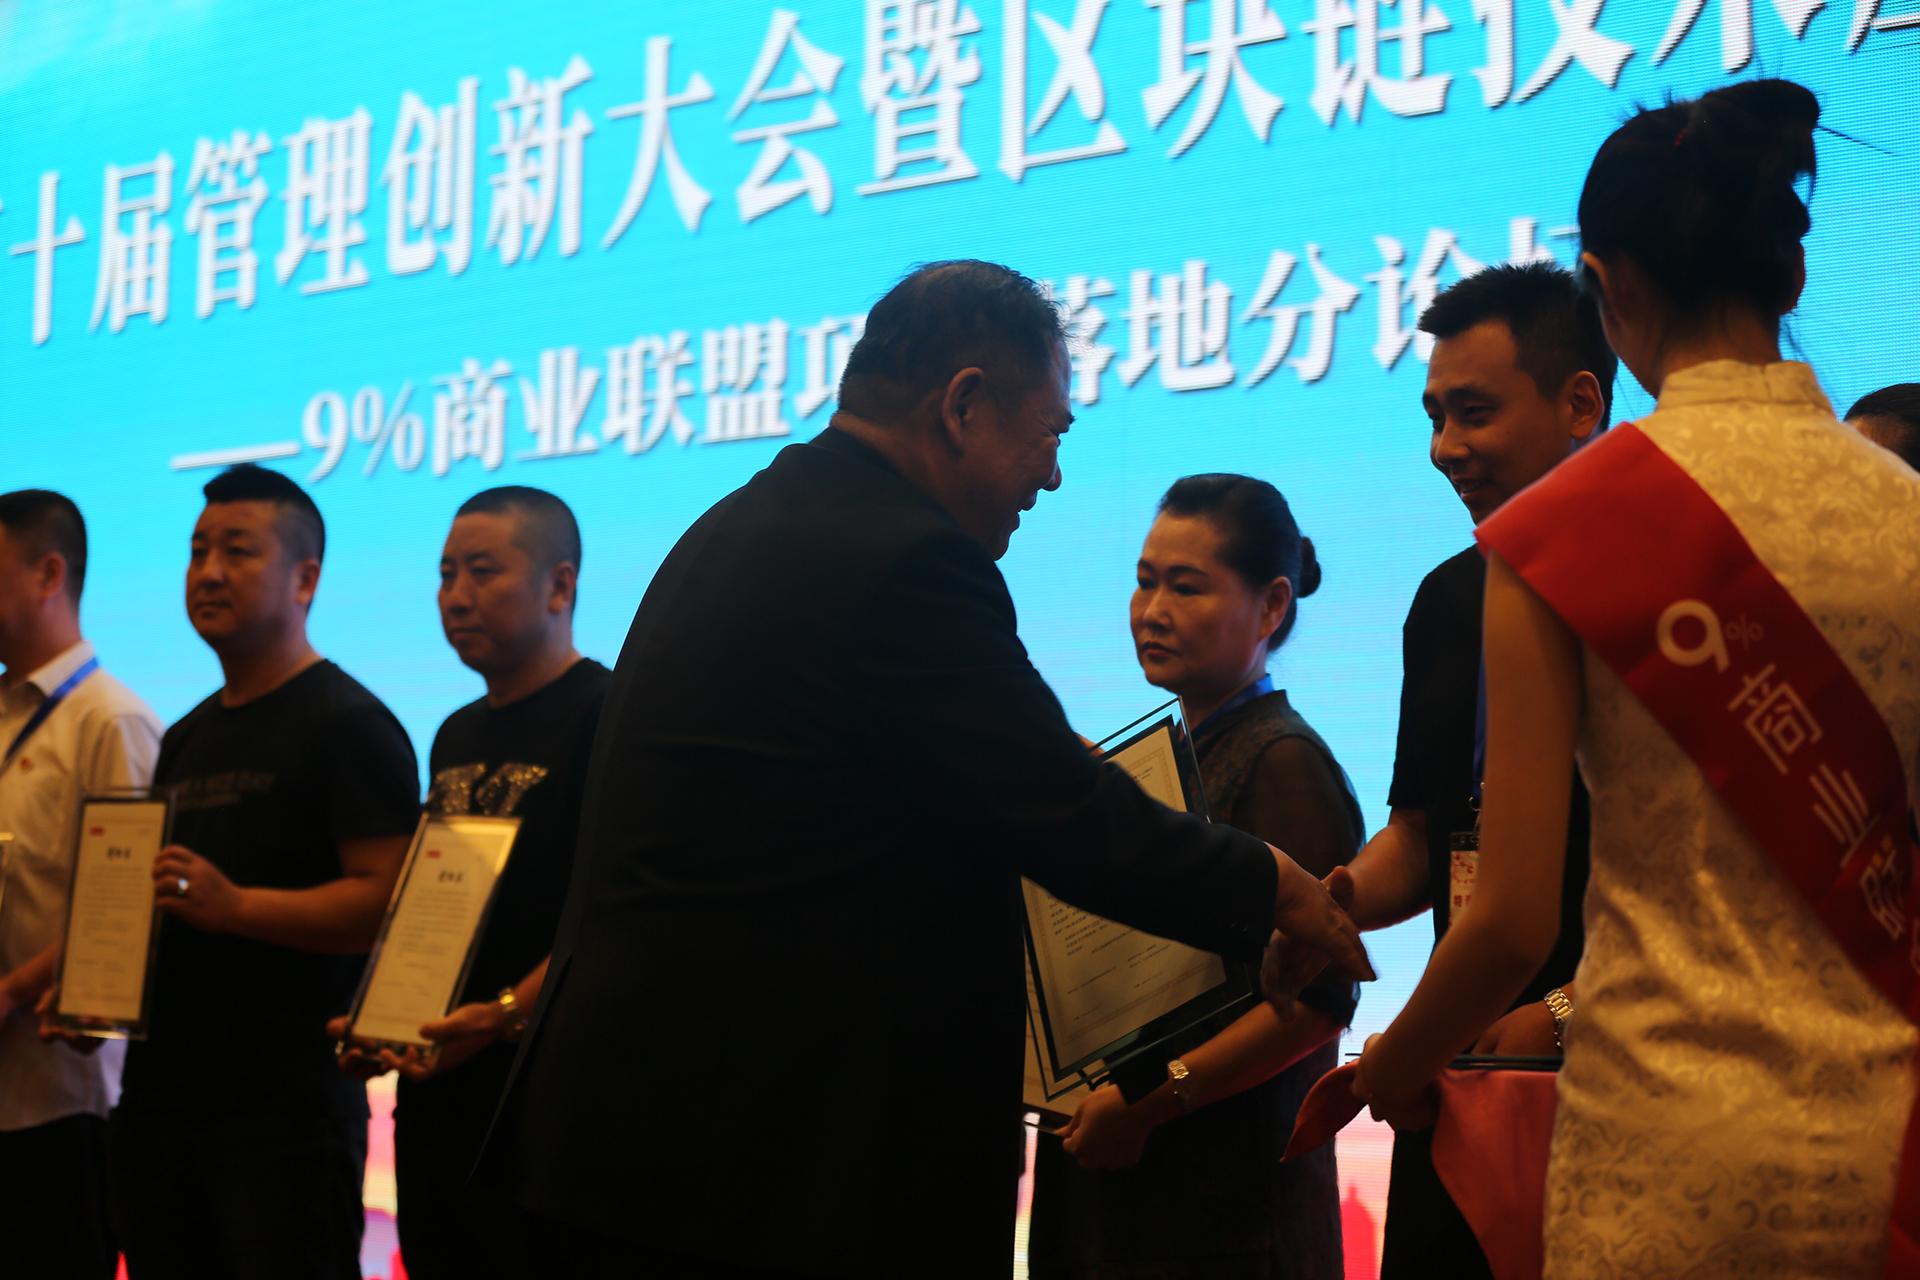 佘小东董事长为项目合伙人颁发授权证书